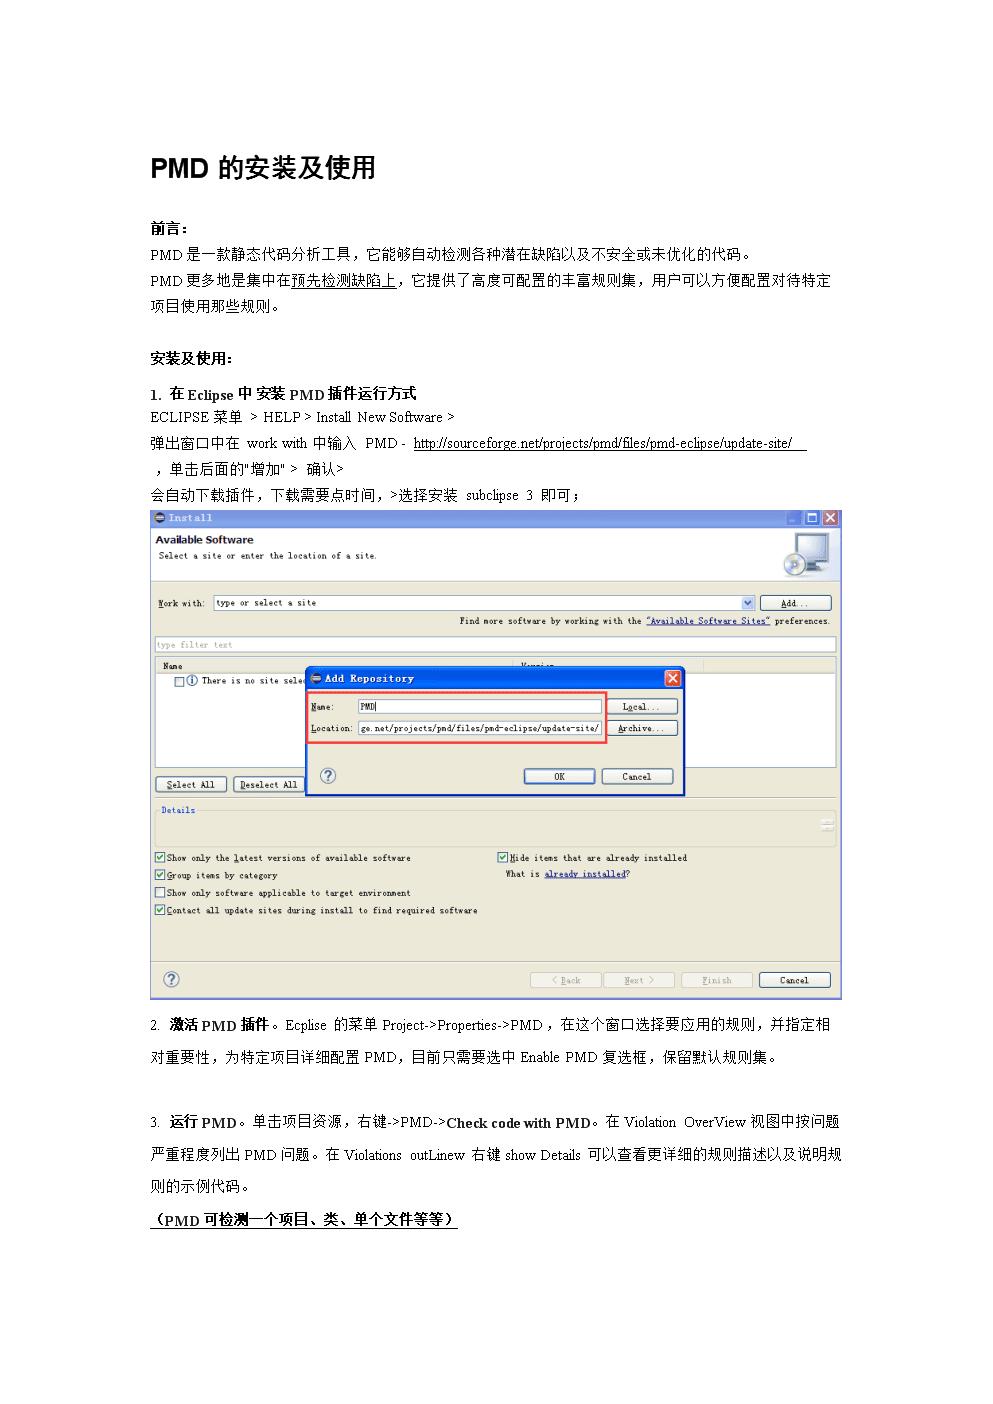 PMD使用手册V1.0商业配套管理系统.doc